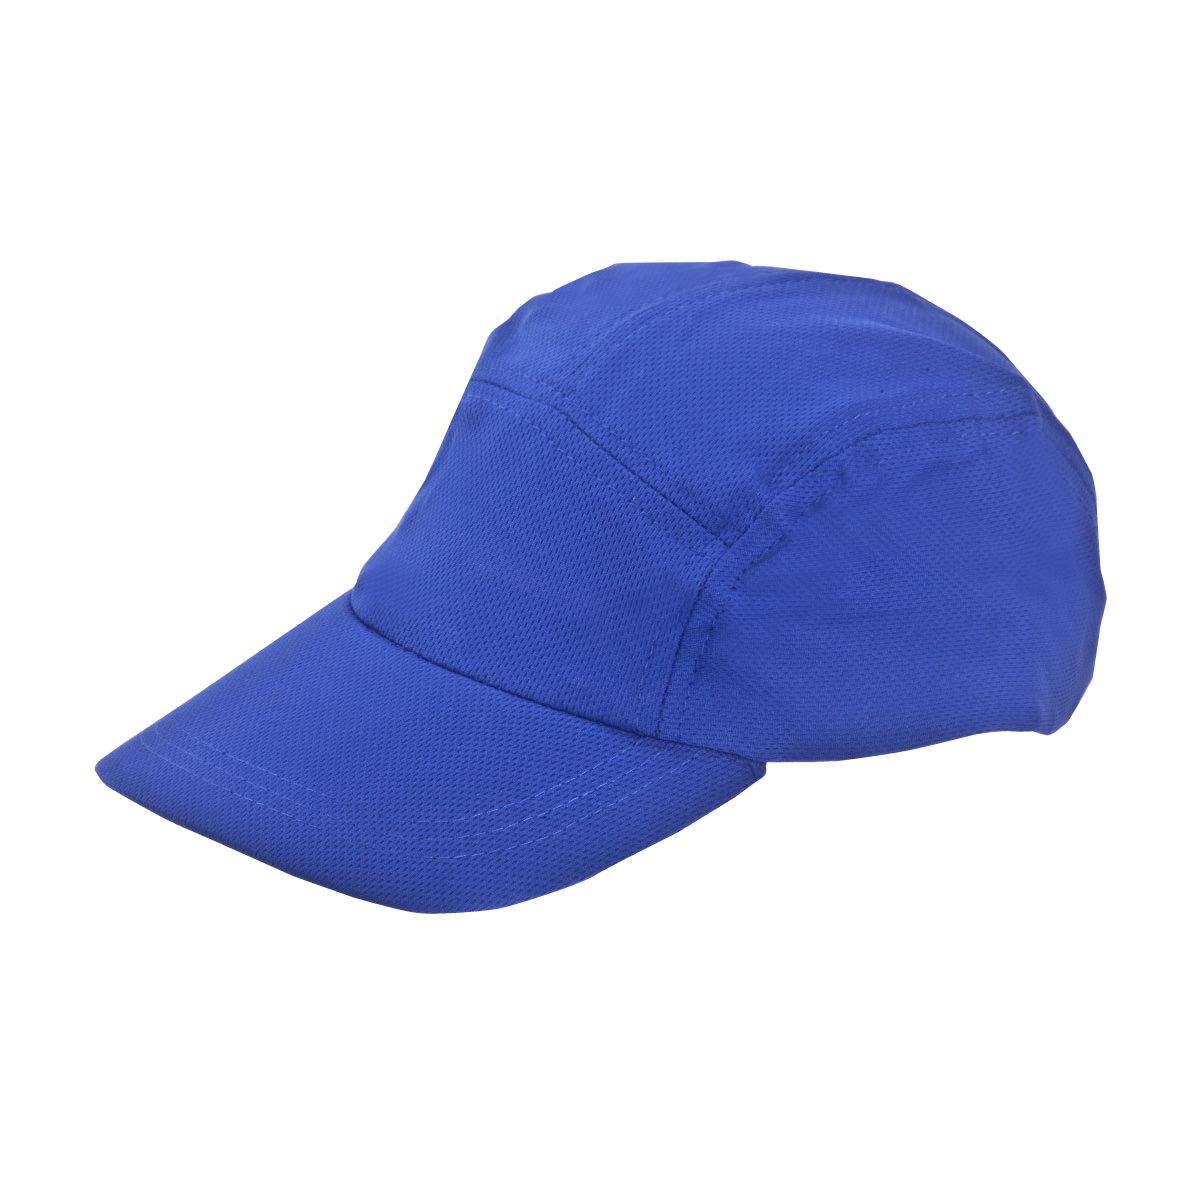 כובע Dry-Fit איכותי - טרייל טיים